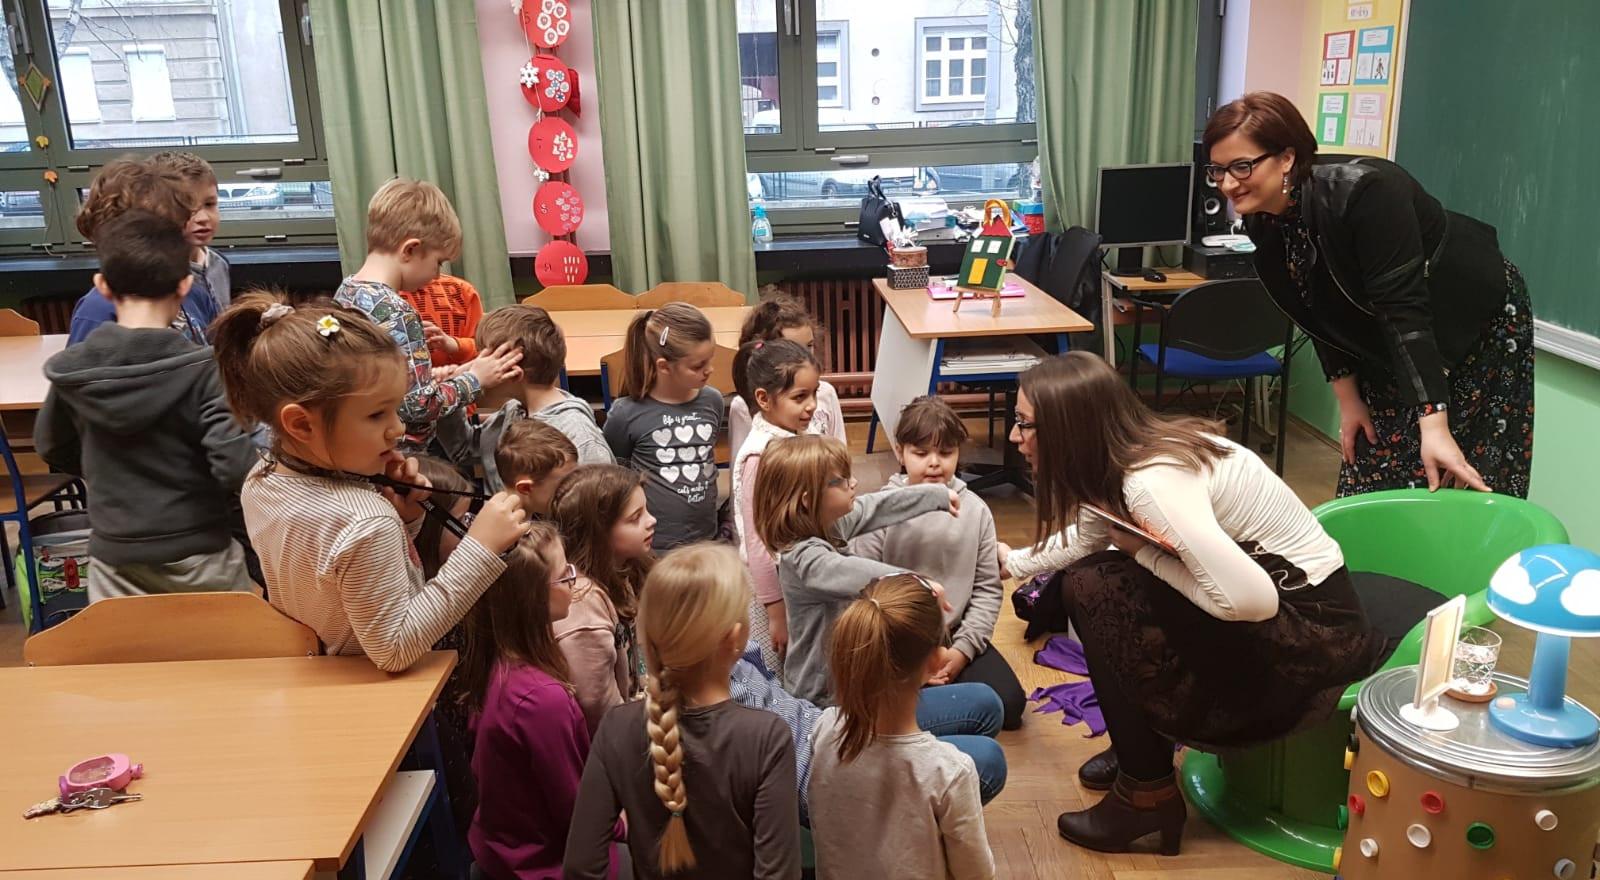 """U petak, 22.2.2019. u sklopu razrednog projekta gošća čitateljica, mama Marijana nam je pročitala edukativnu priču """"Samo lijepo zamoli"""". Potaknula nas je na razmišljanje o važnosti čarobnih riječi u svakodnevnim životnim prilikama."""